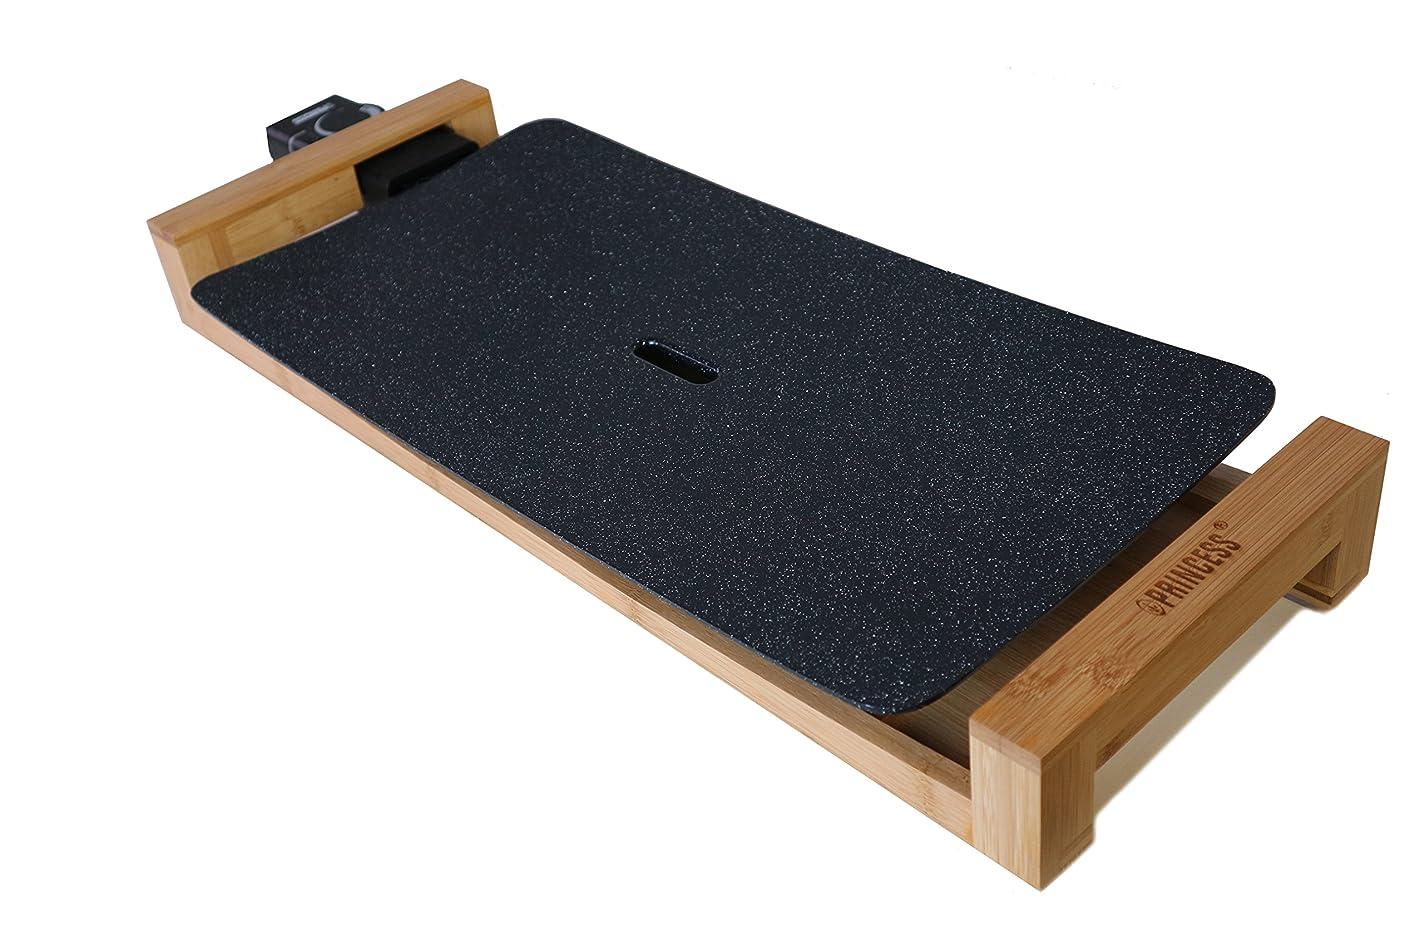 未就学マイル驚きPRINCESS ホットプレート Table Grill Stone ブラック 103031